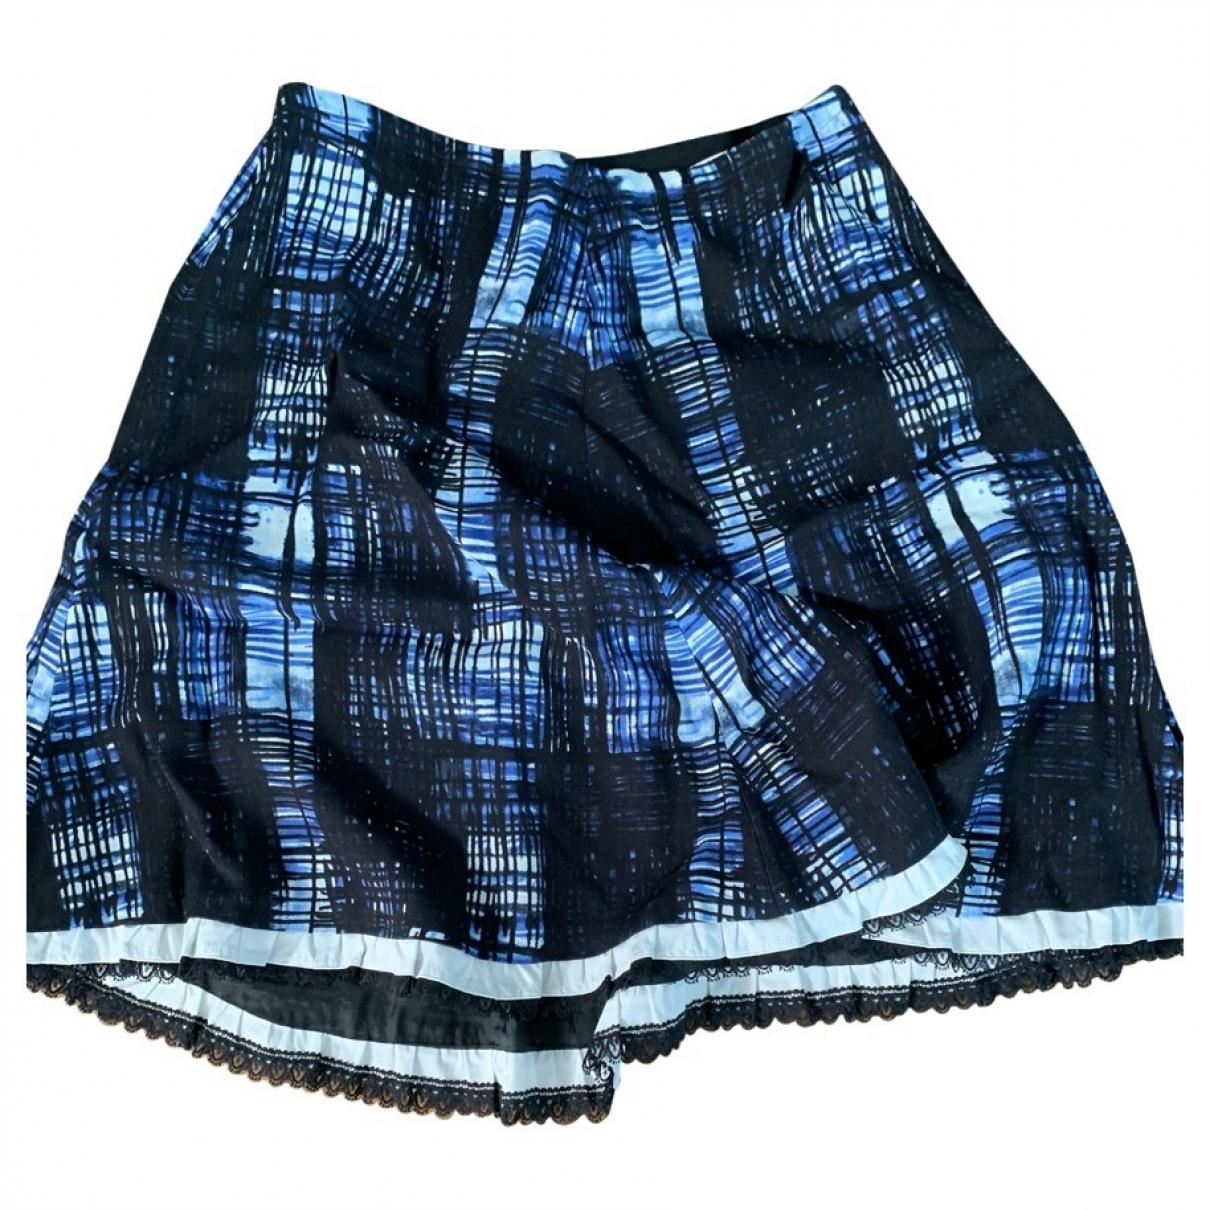 Prada \N Blue skirt for Women 44 IT